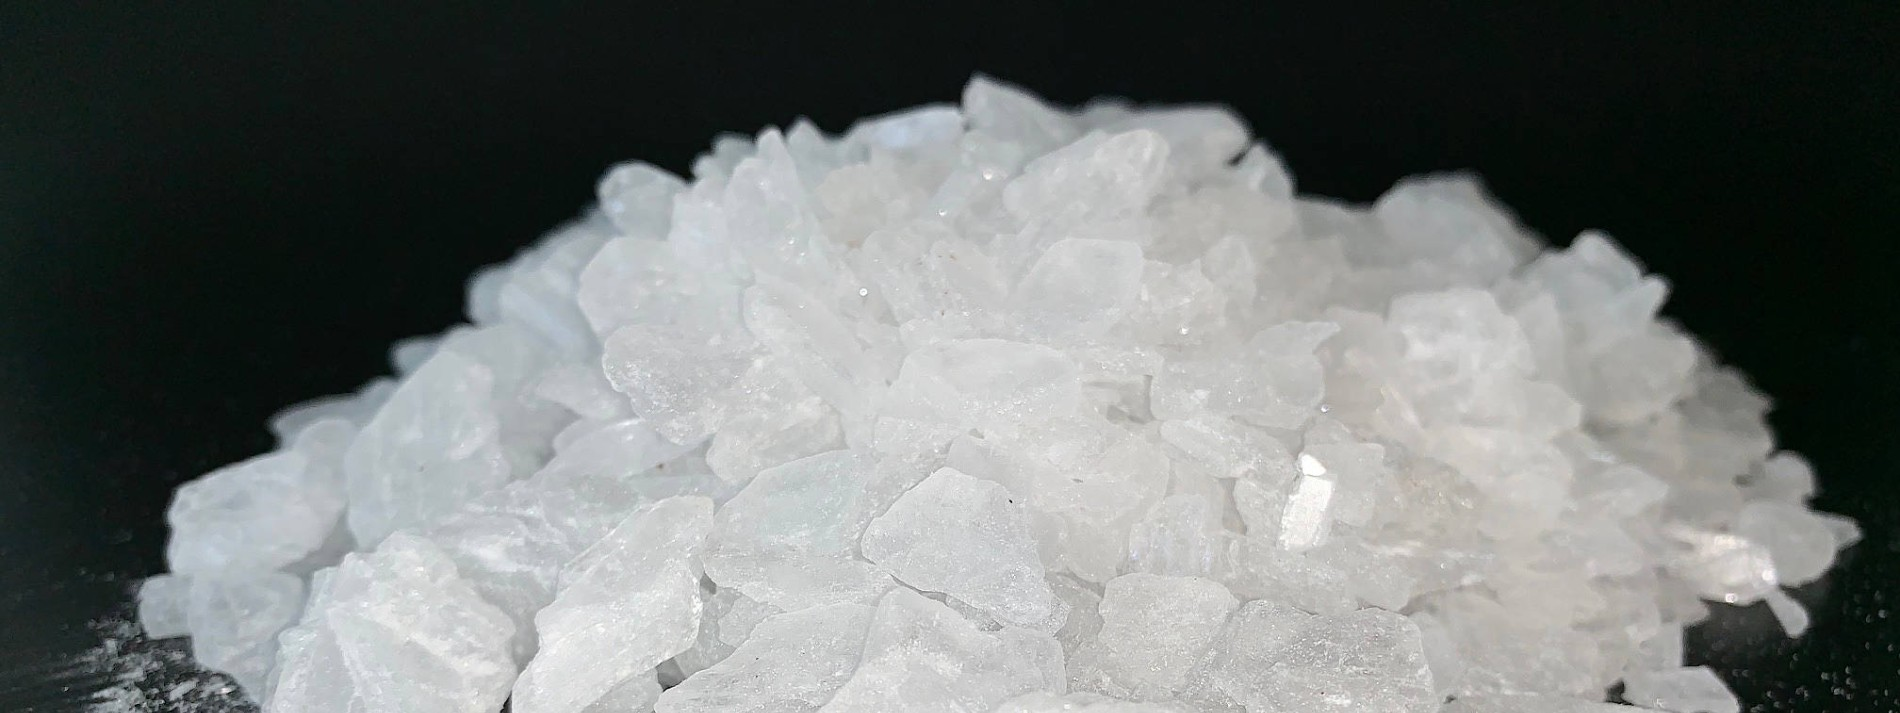 what is in crystal meth